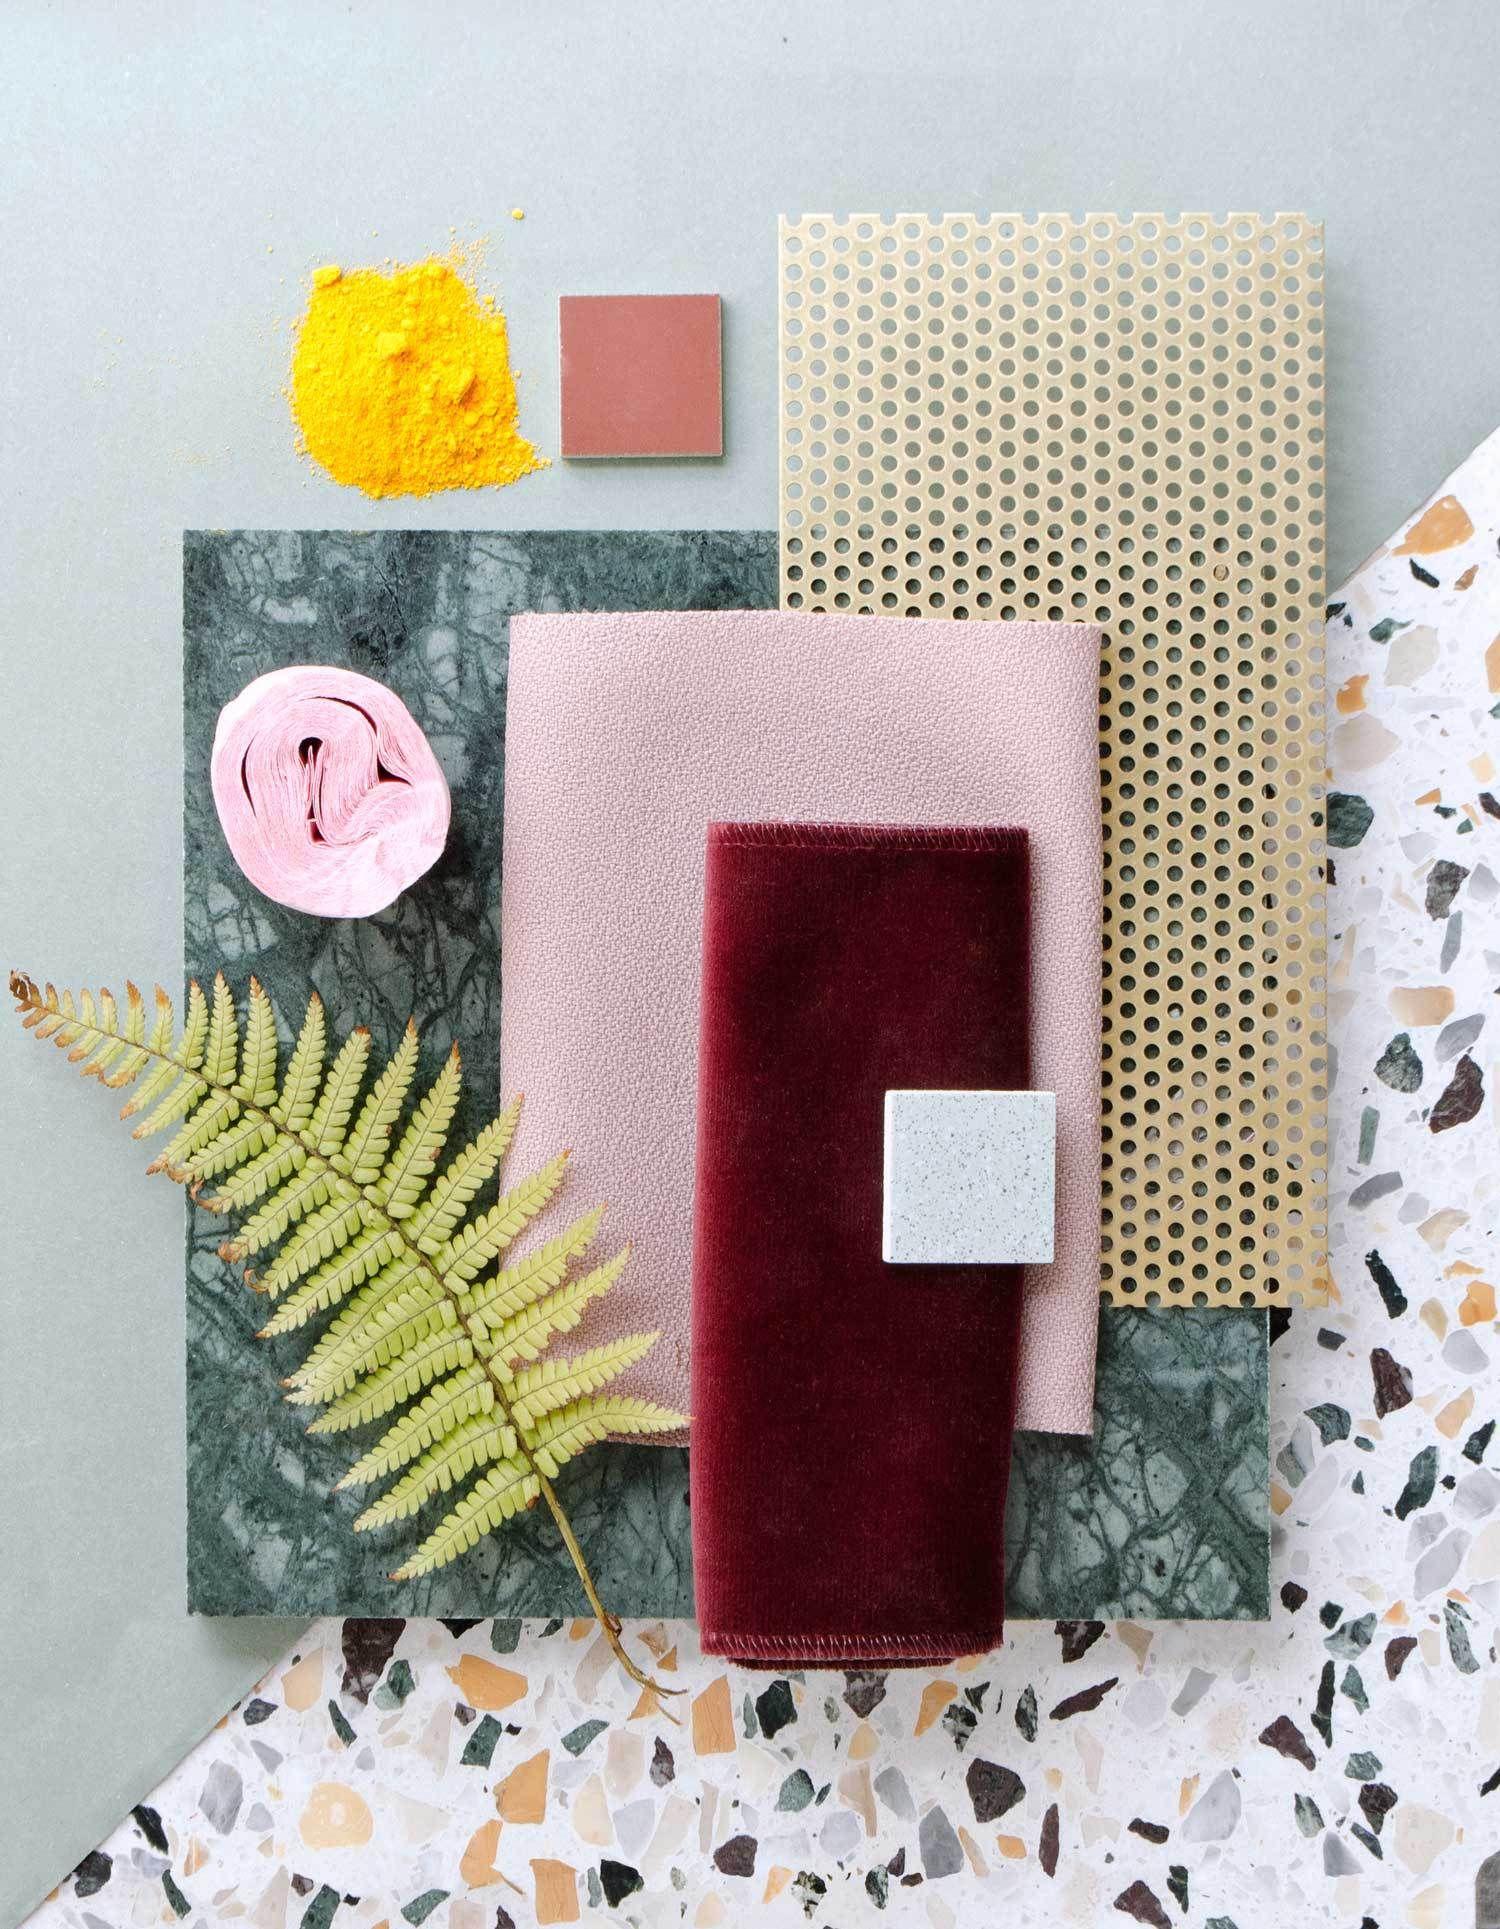 Terrazzo Trend In Interiors And Design Italianbark Color Palette Interior Design Mood Board Interior Mood Board Design